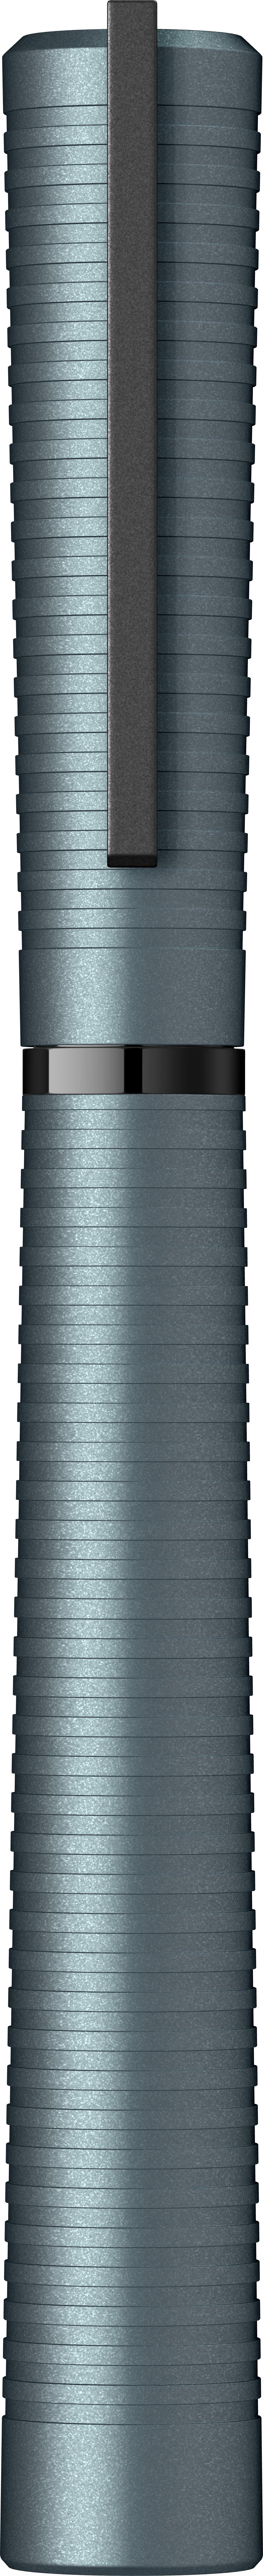 Indigo BT-5039